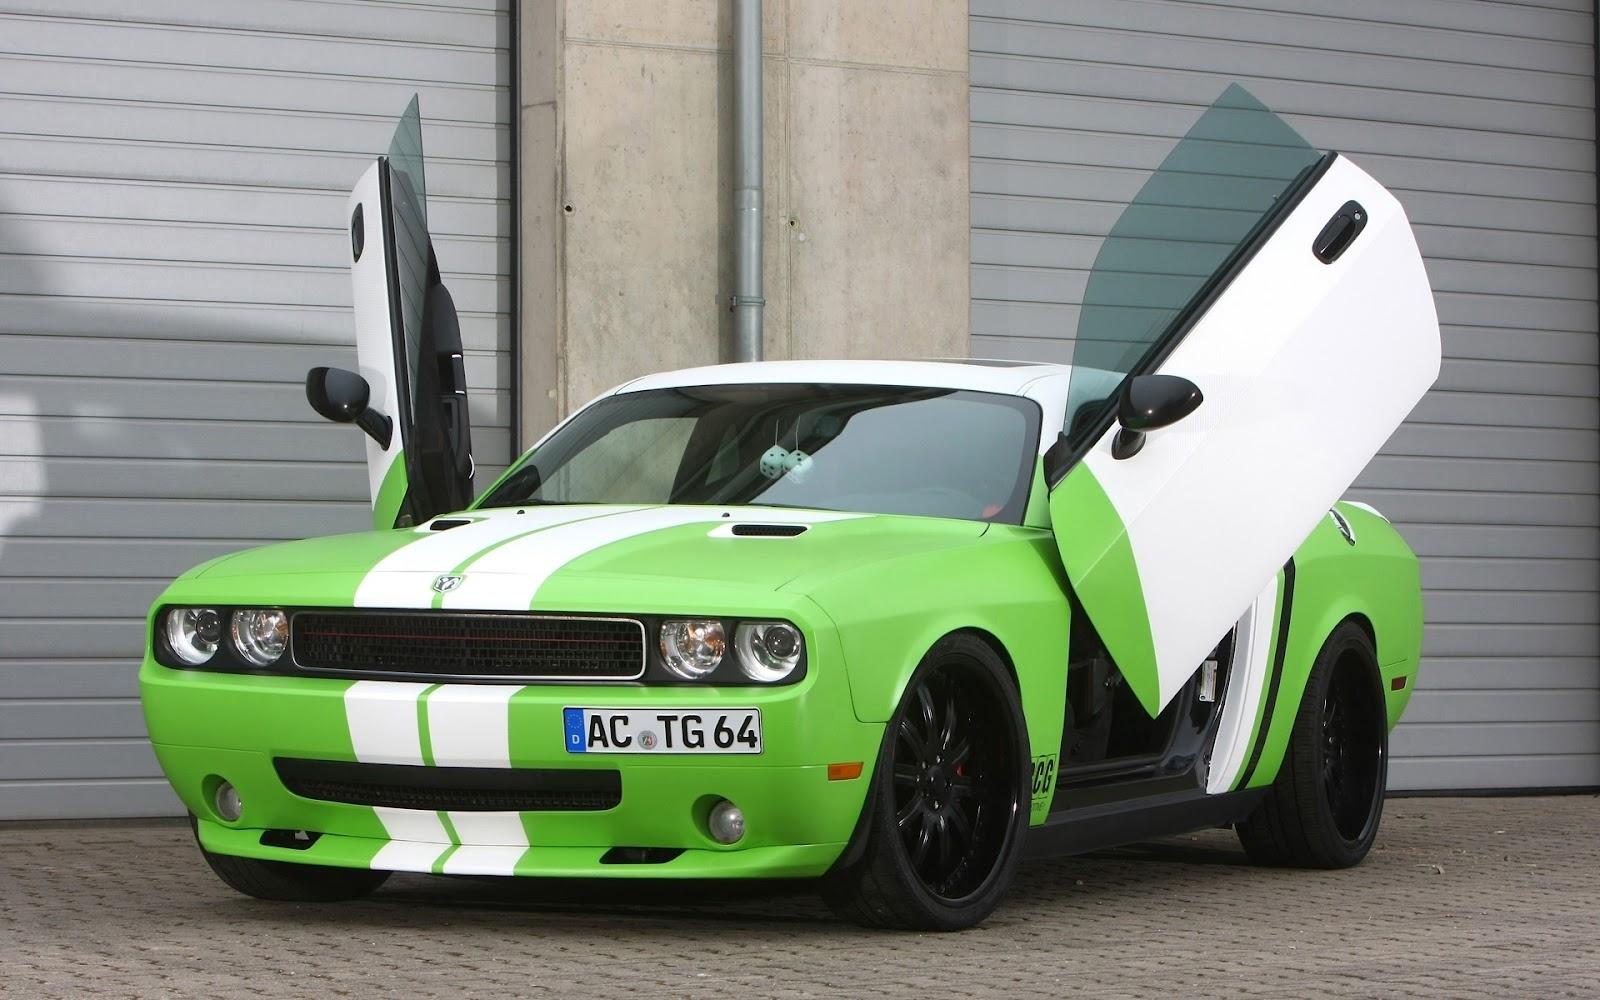 http://3.bp.blogspot.com/-31zSb5JUUsI/UFsdtMHt4JI/AAAAAAAAnis/VXlB5WCL7AE/s1600/Dodge-Wrapped-Challenger-SRT-8-Wallpapers.jpg